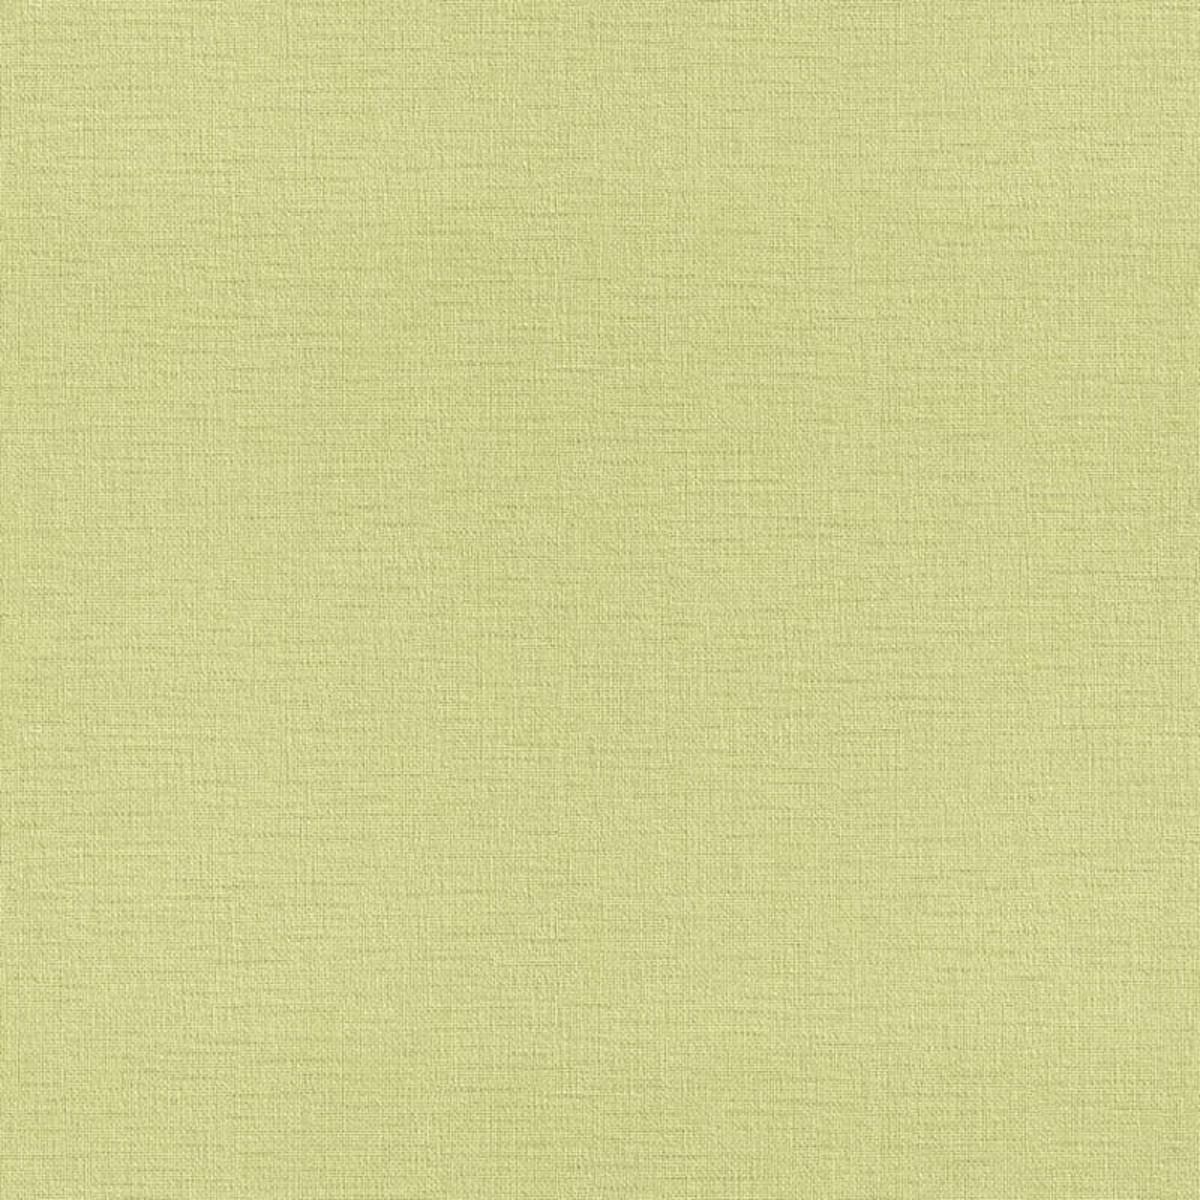 Обои флизелиновые Rasch b.b home passion 2016 зеленые 0.53 м 716962